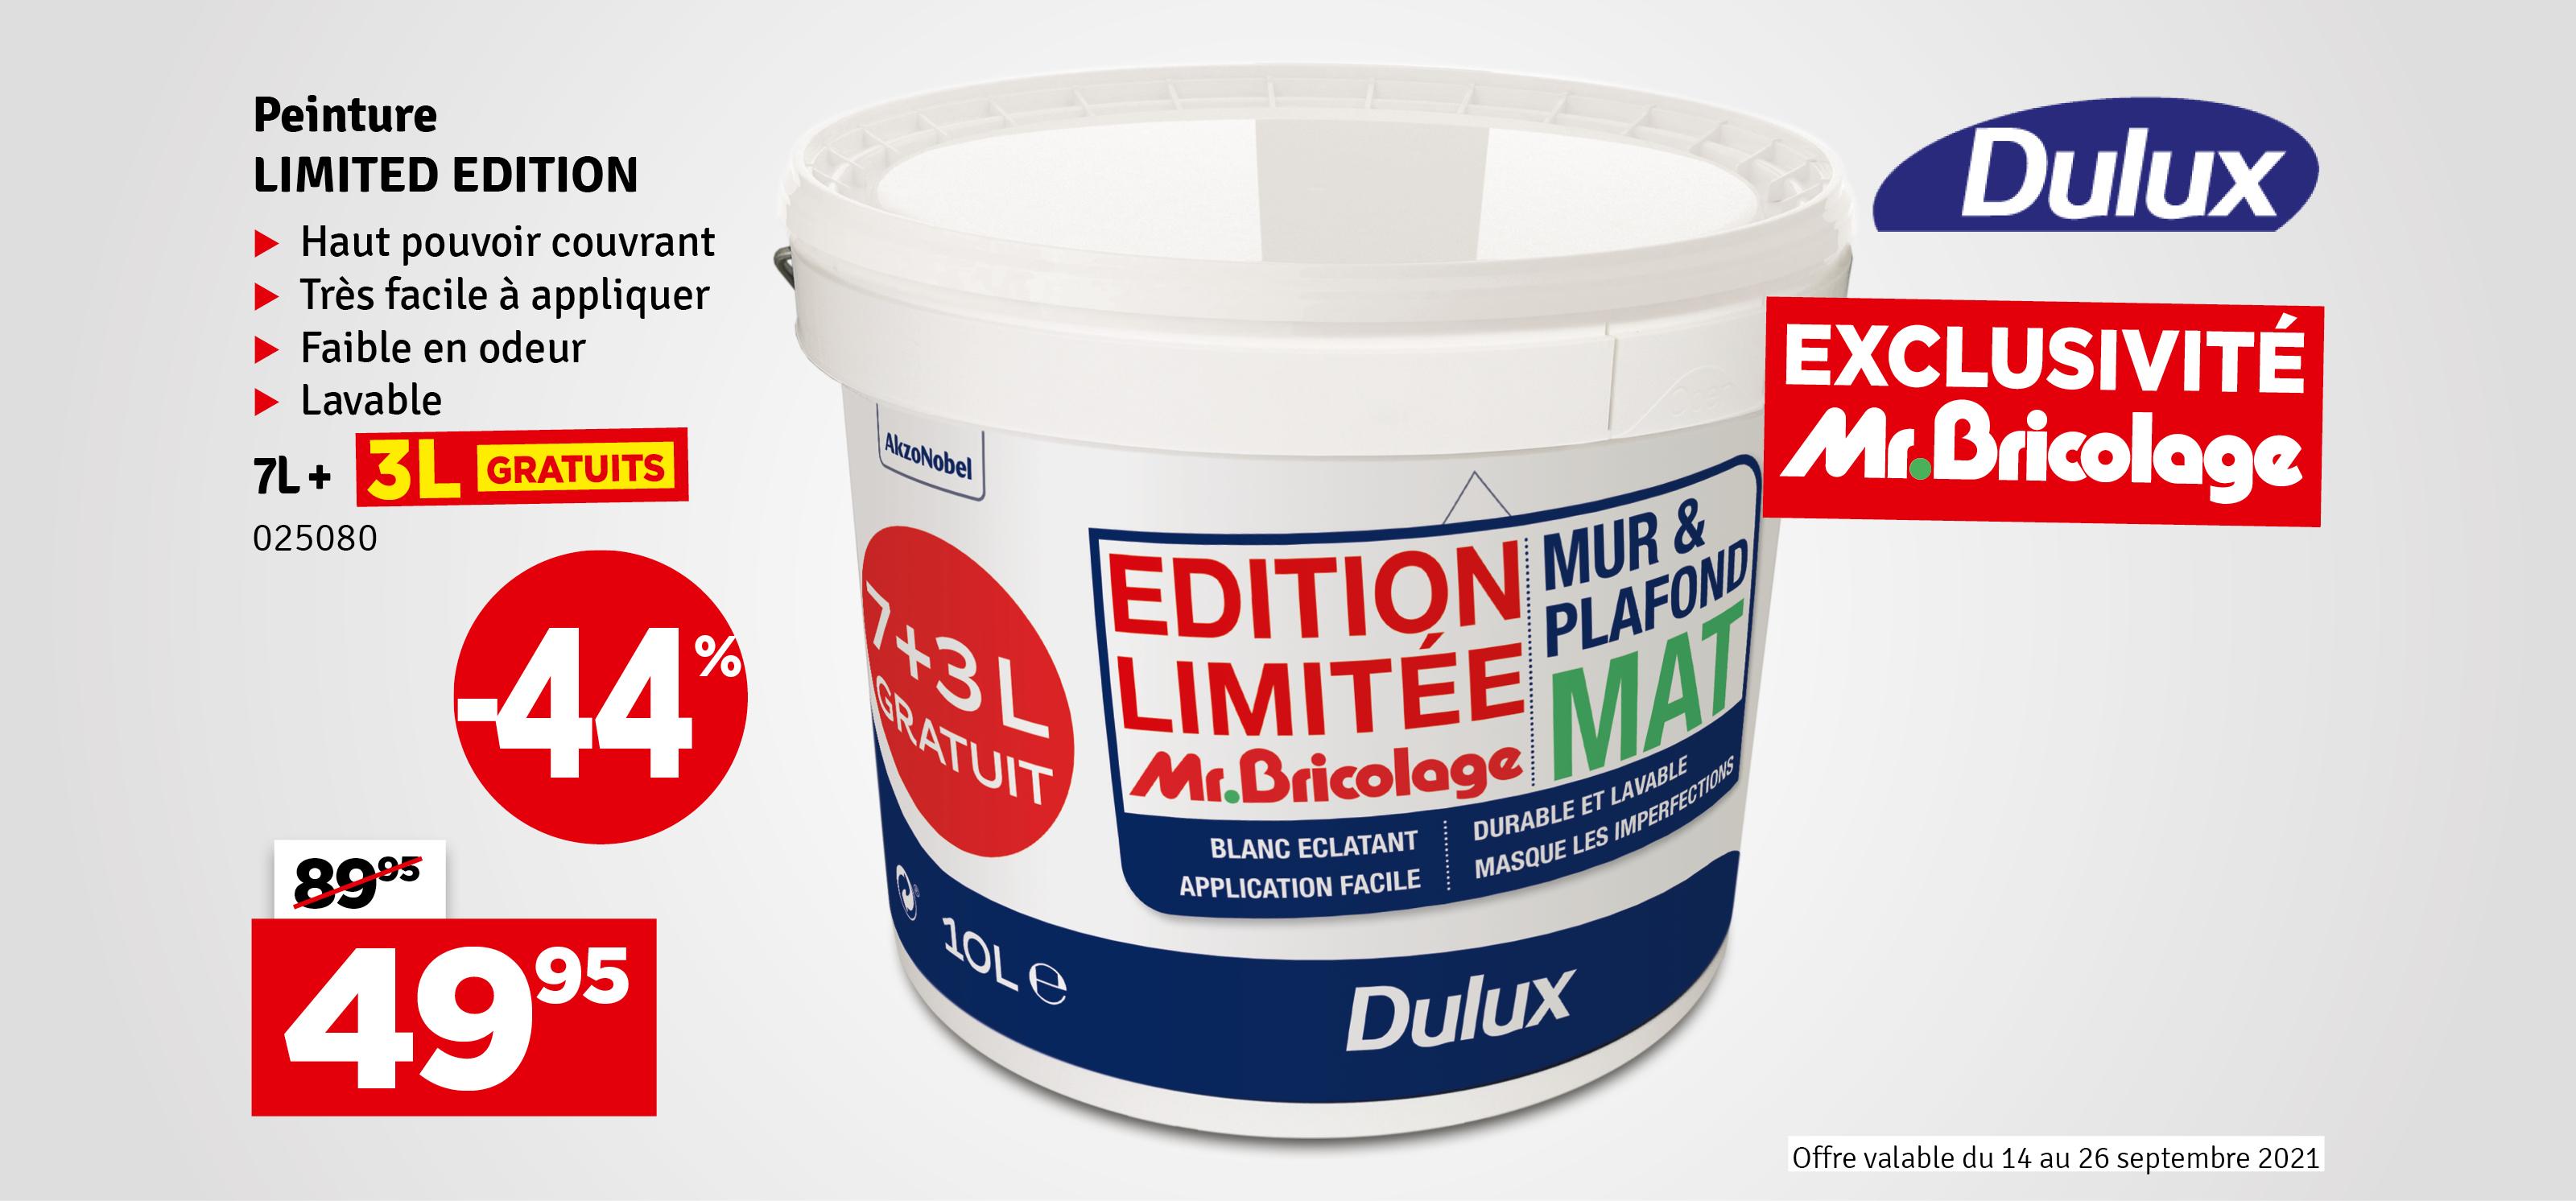 Promo - Peinture pour mur et plafond Blanc mat 7 + 3 L gratuit DULUX